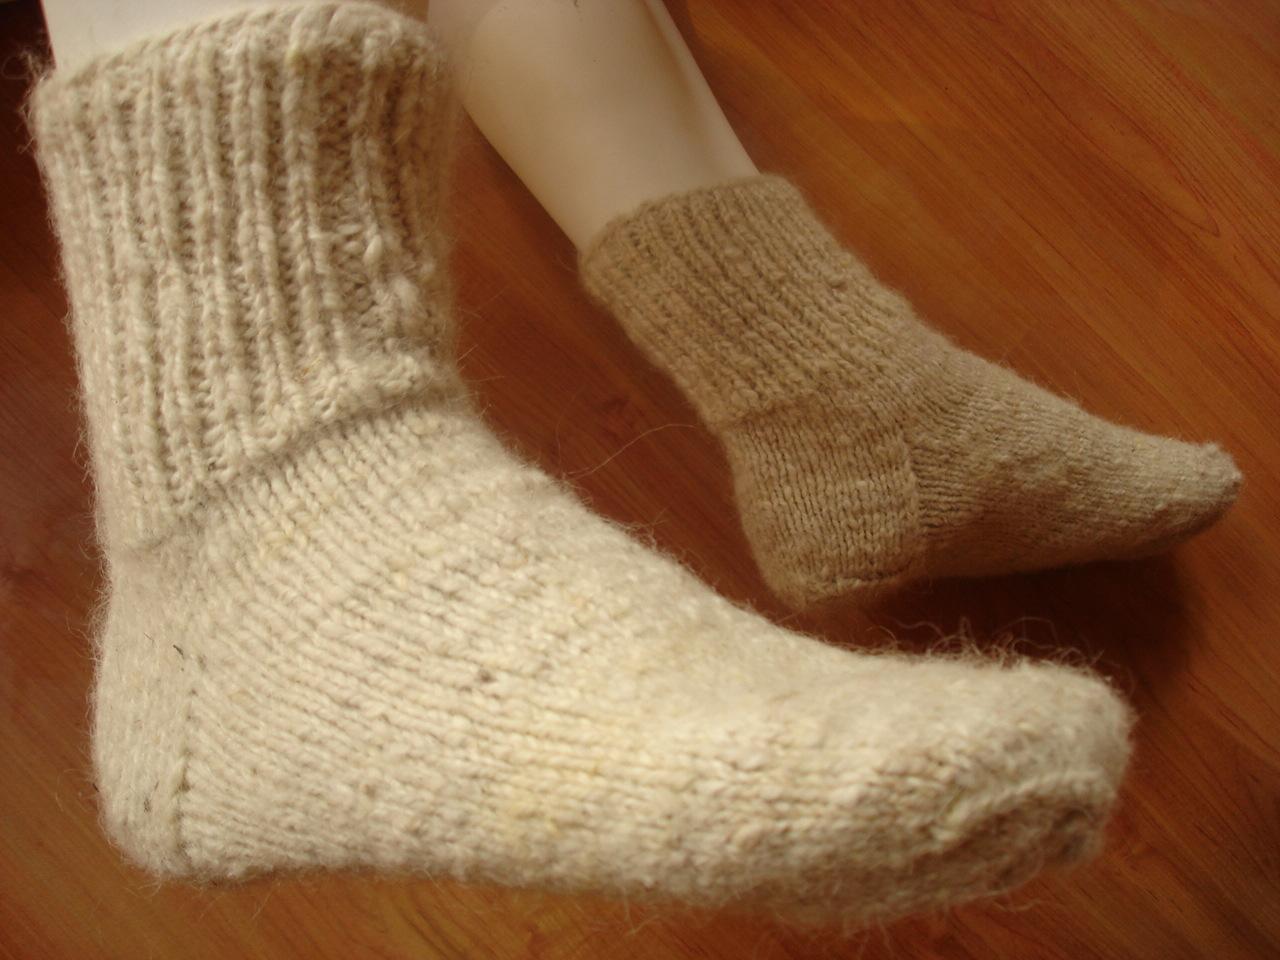 Фото ног в носочках 17 фотография